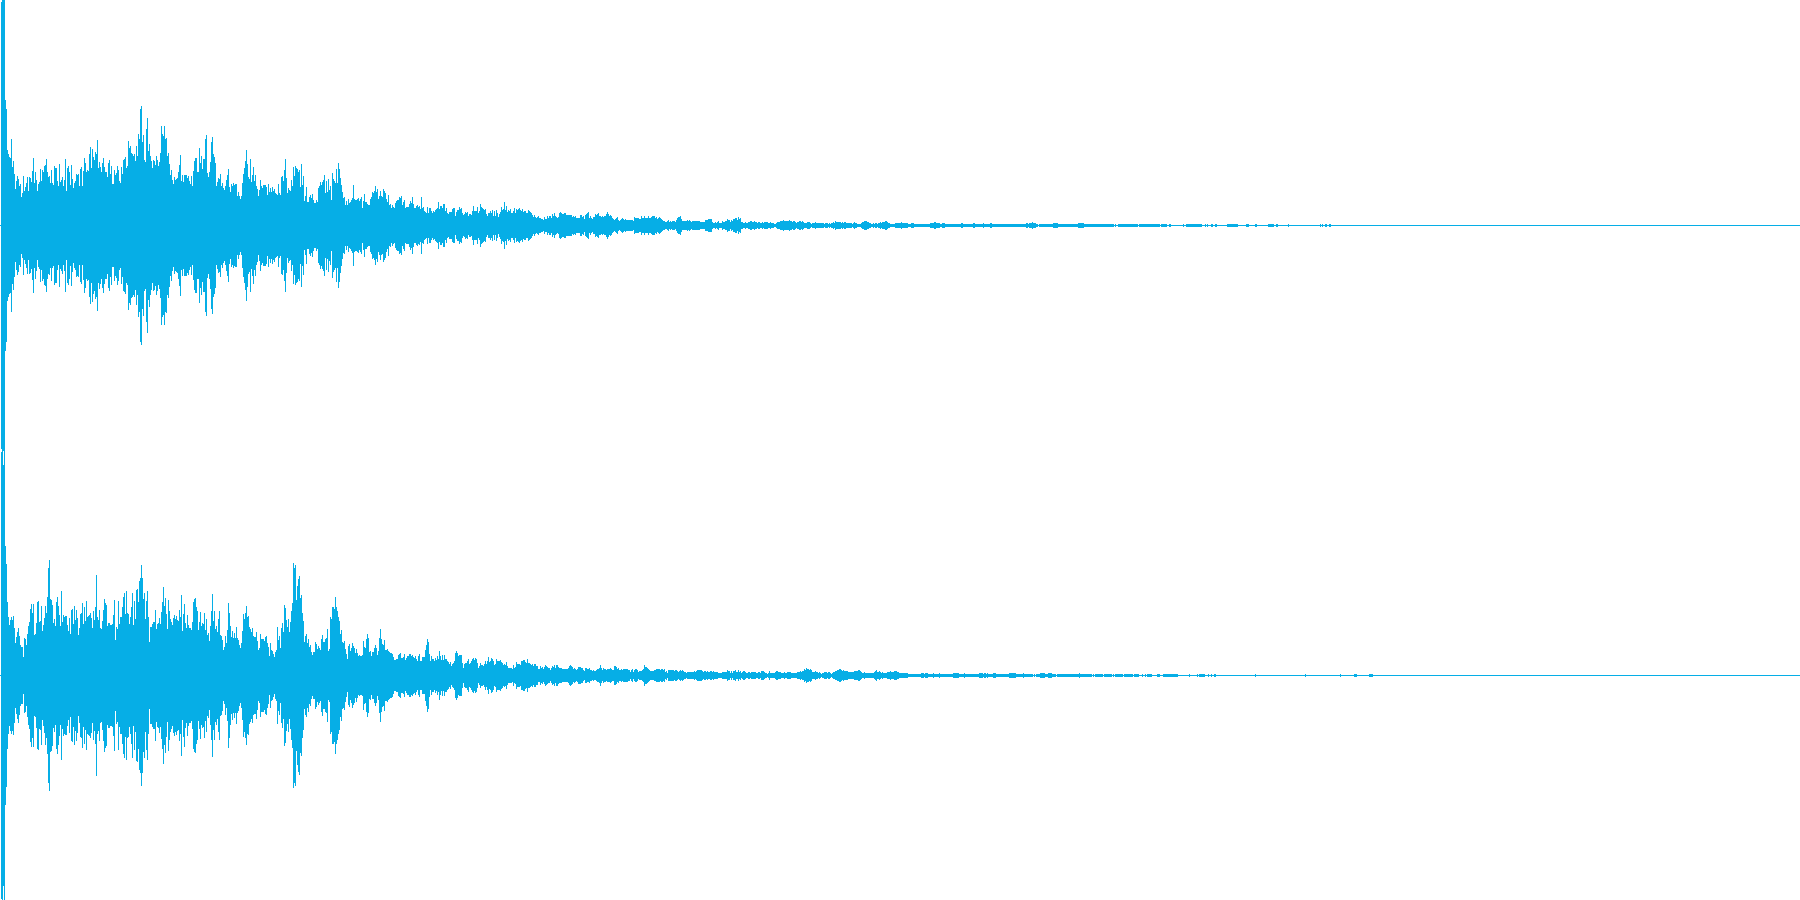 キラーン(ゲームの氷魔法の様な電子音)の再生済みの波形